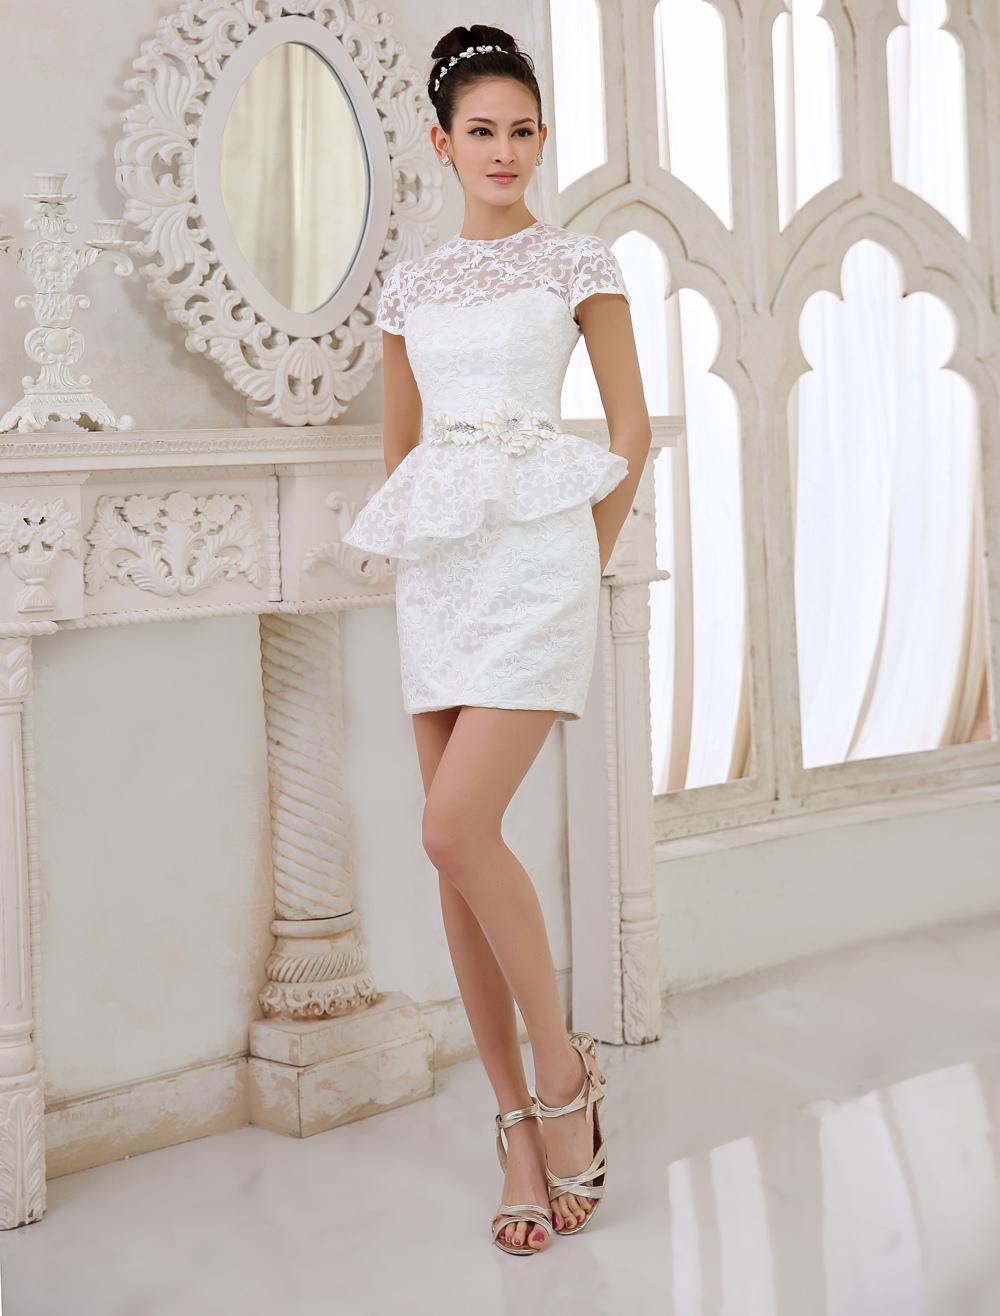 Ivory Bridal People Short Wedding Dress with Jewel Neck Sheath Milanoo photo